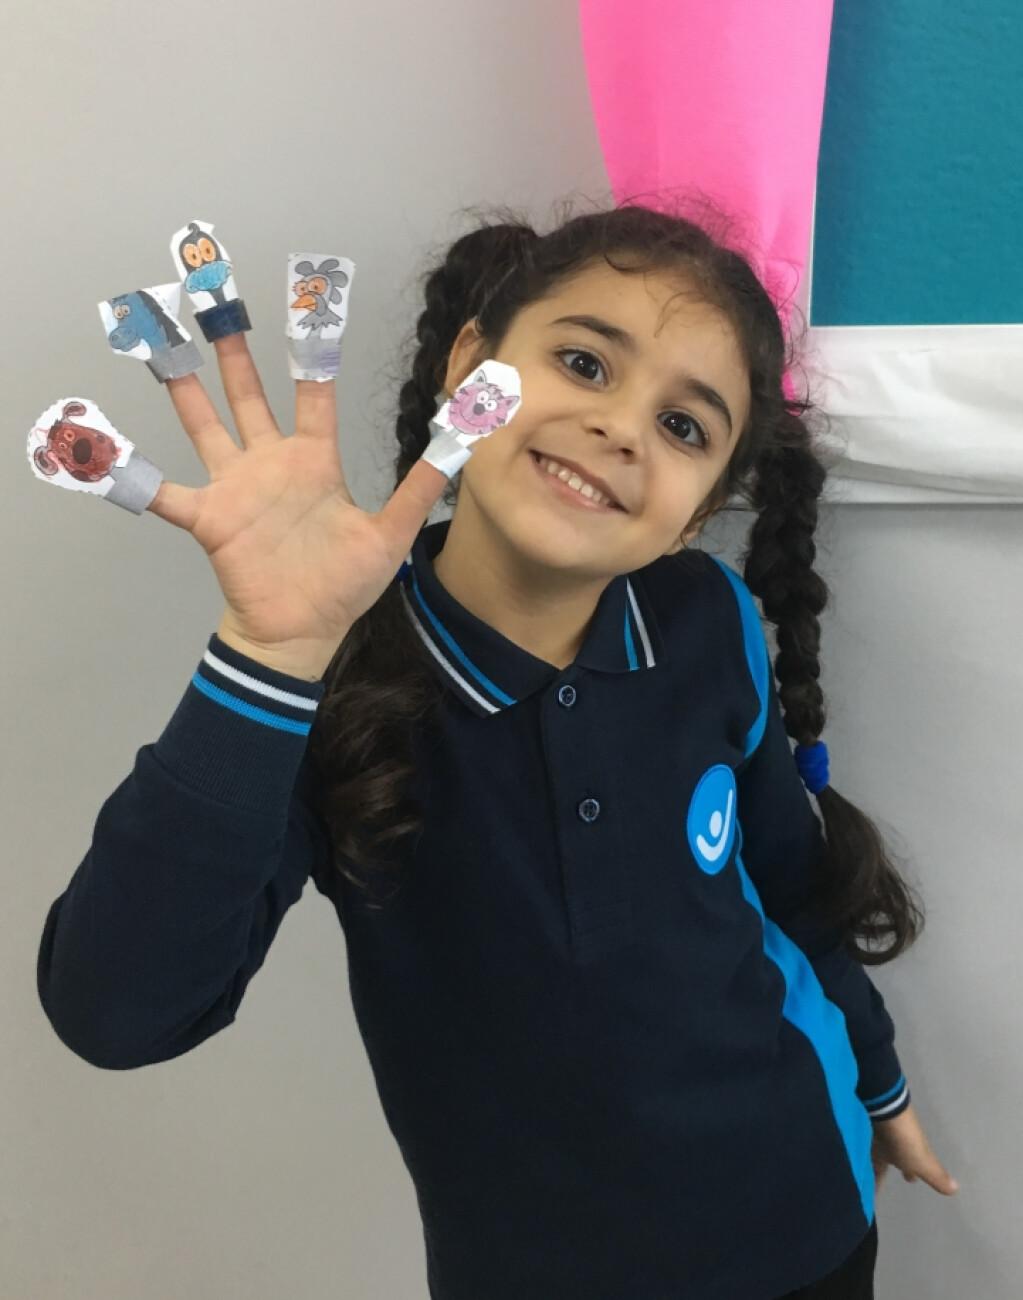 Finger Puppet Yaparak Hem Eğlendik Hem Öğrendik | İstanbul Pendik...